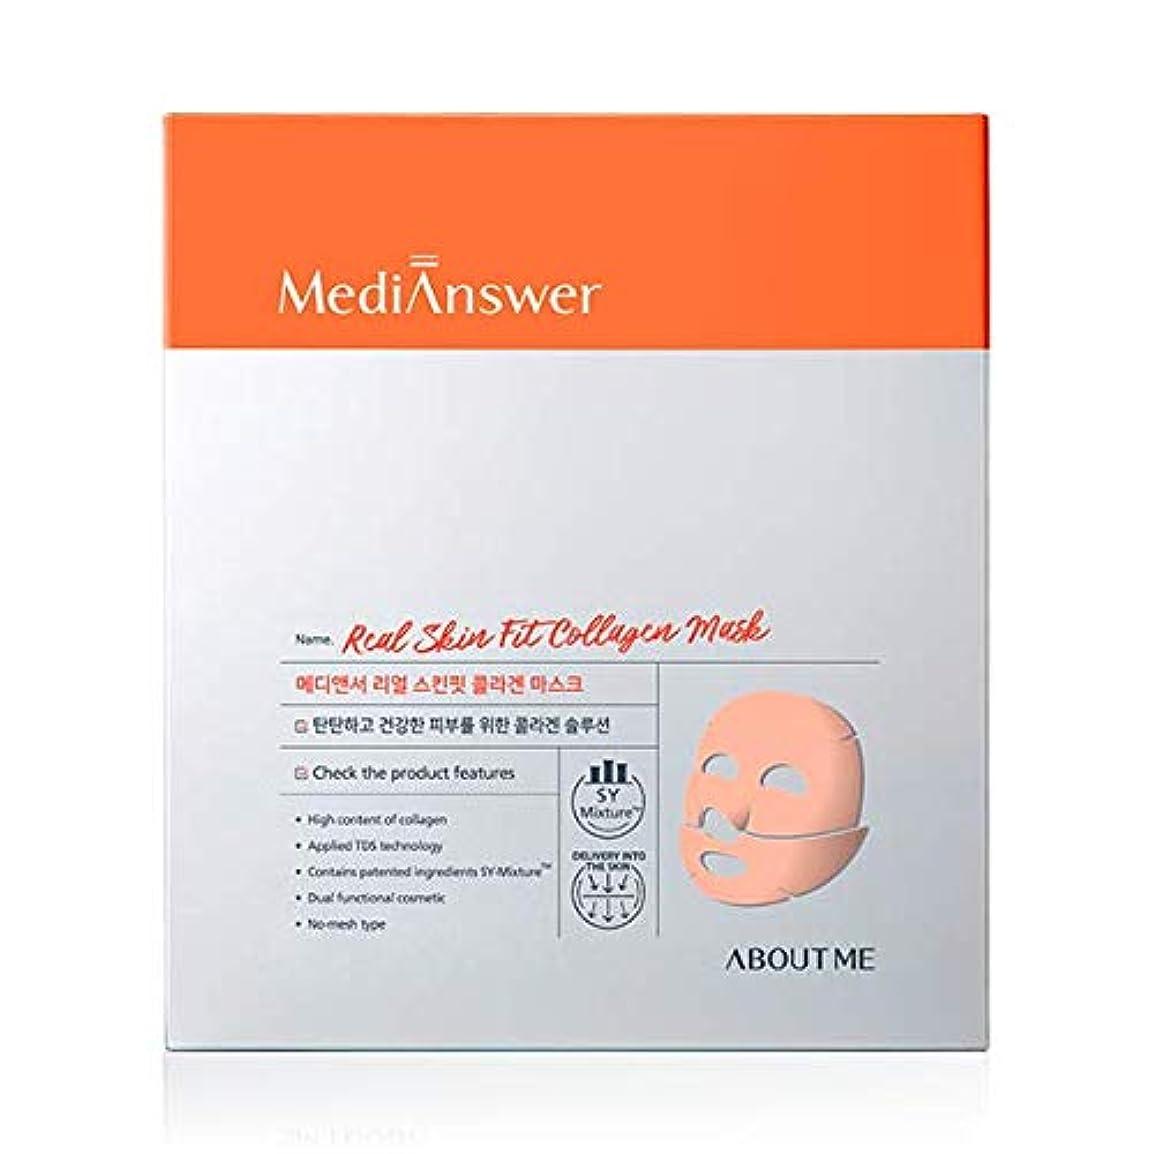 不完全講義言語学[MediAnswer] メディアンサースキンフィットコラーゲンマスク 35gx4枚 / Real Skin Fit Collagen Mask 35gx4EA [並行輸入品]